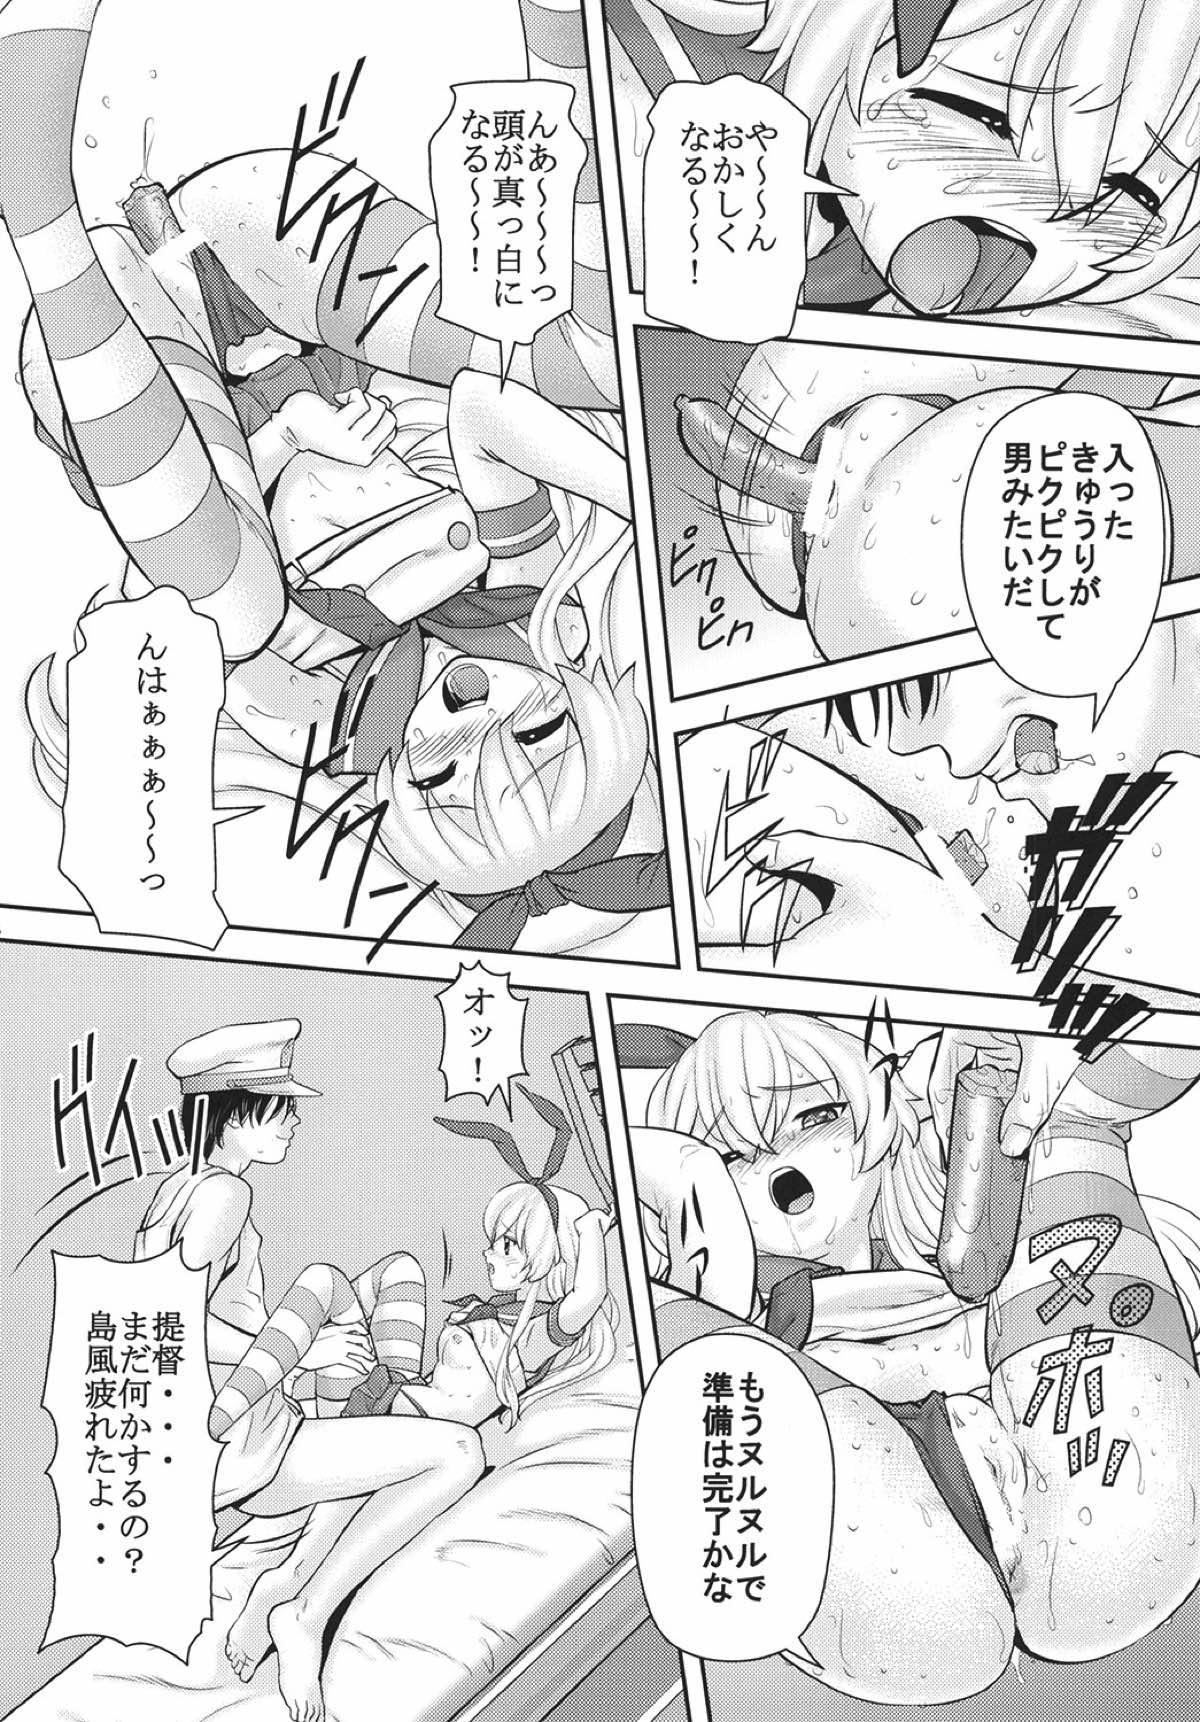 KanColle Yuugi 24